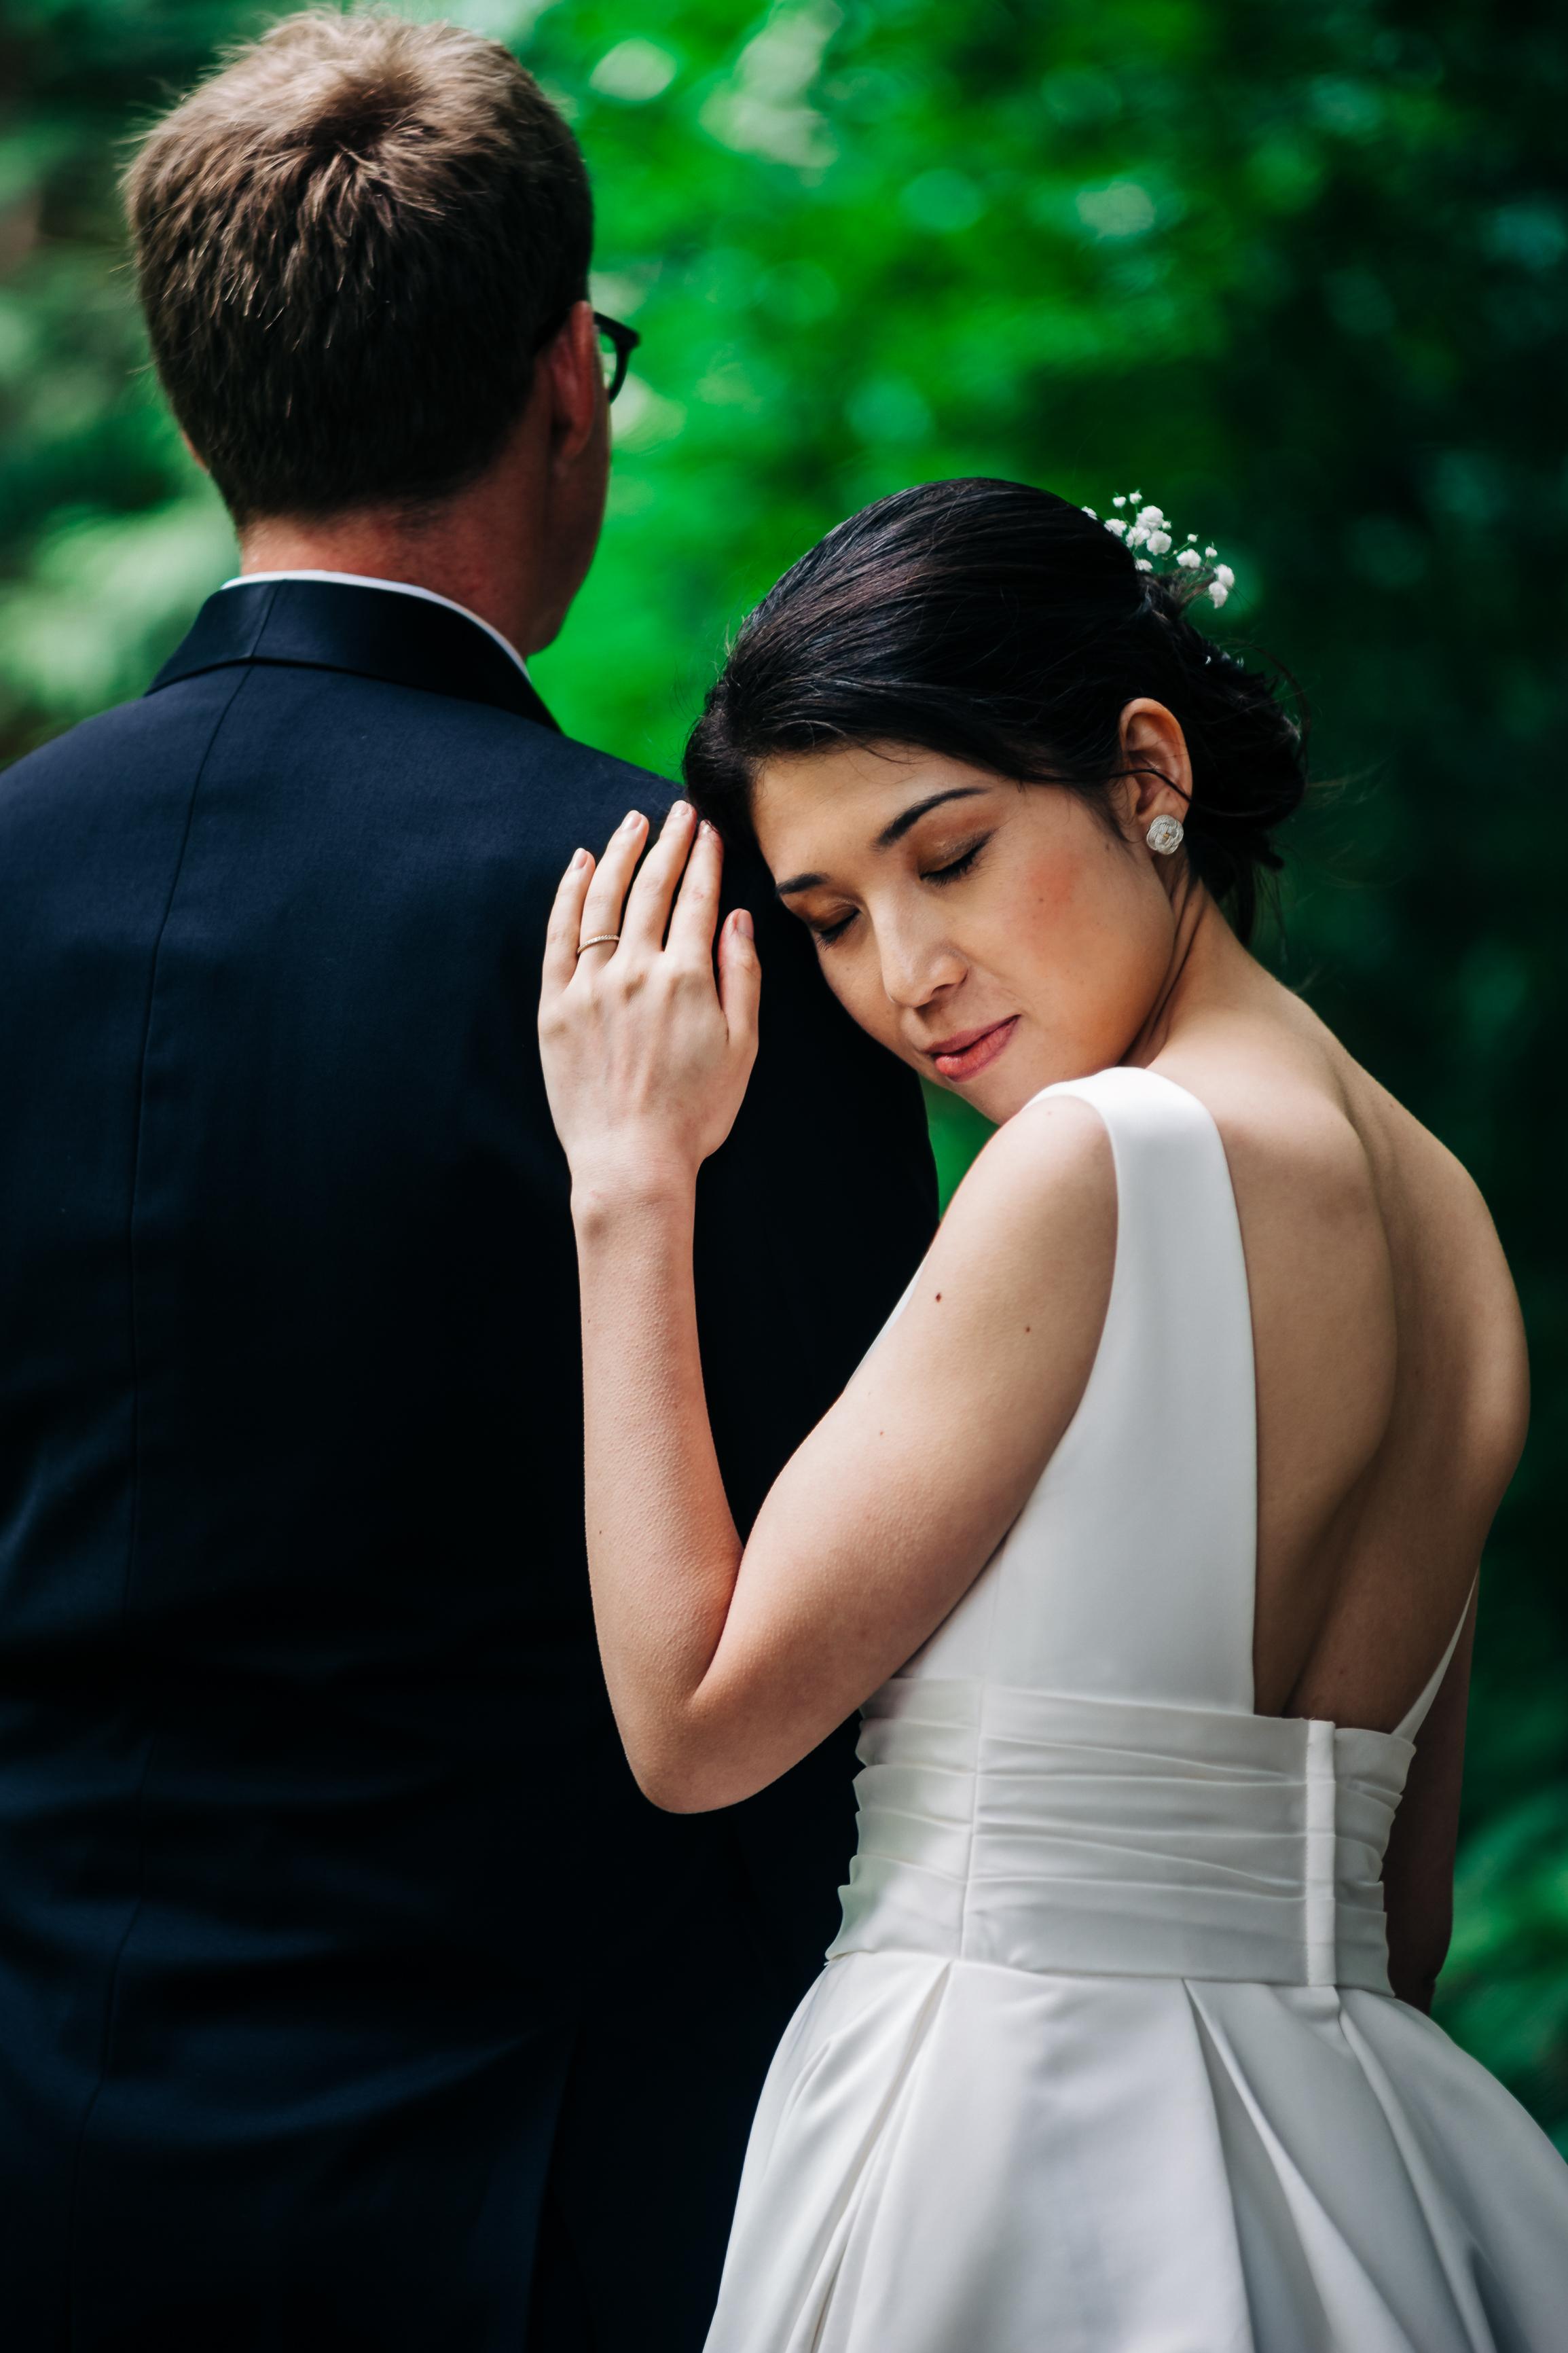 Bride & Groom Seabeck, WA